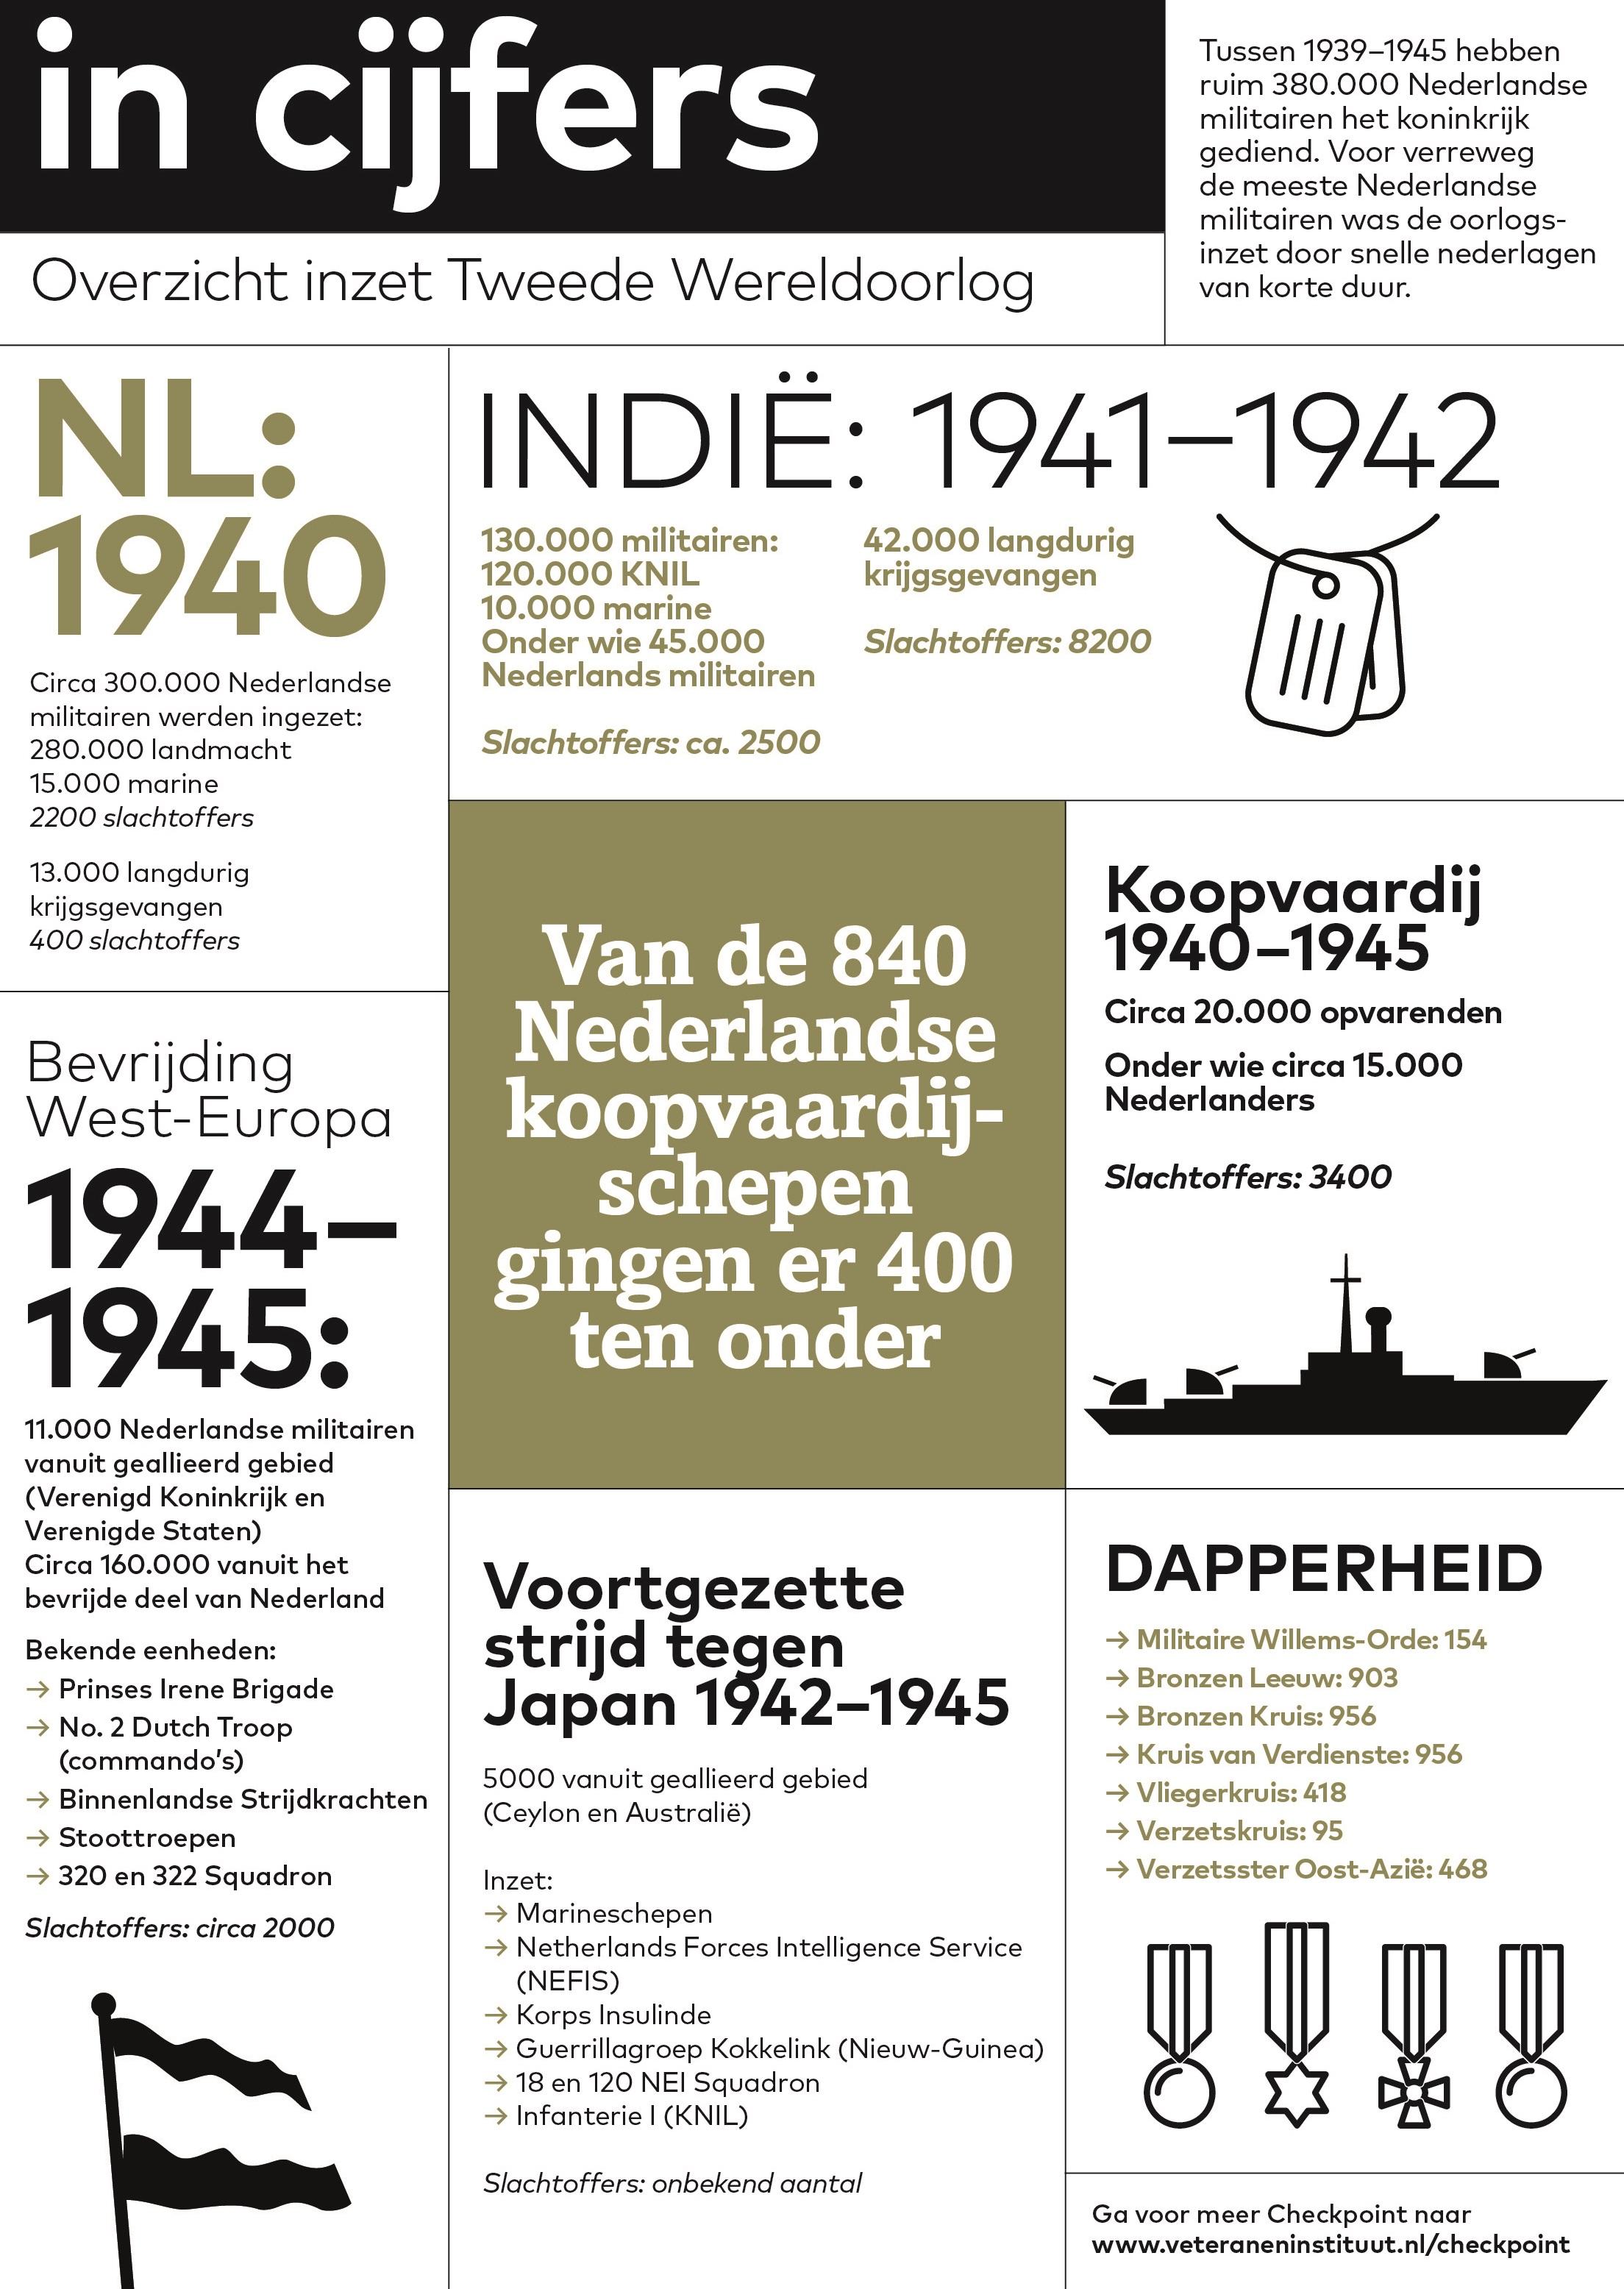 facts-tweede-wereldoorlog